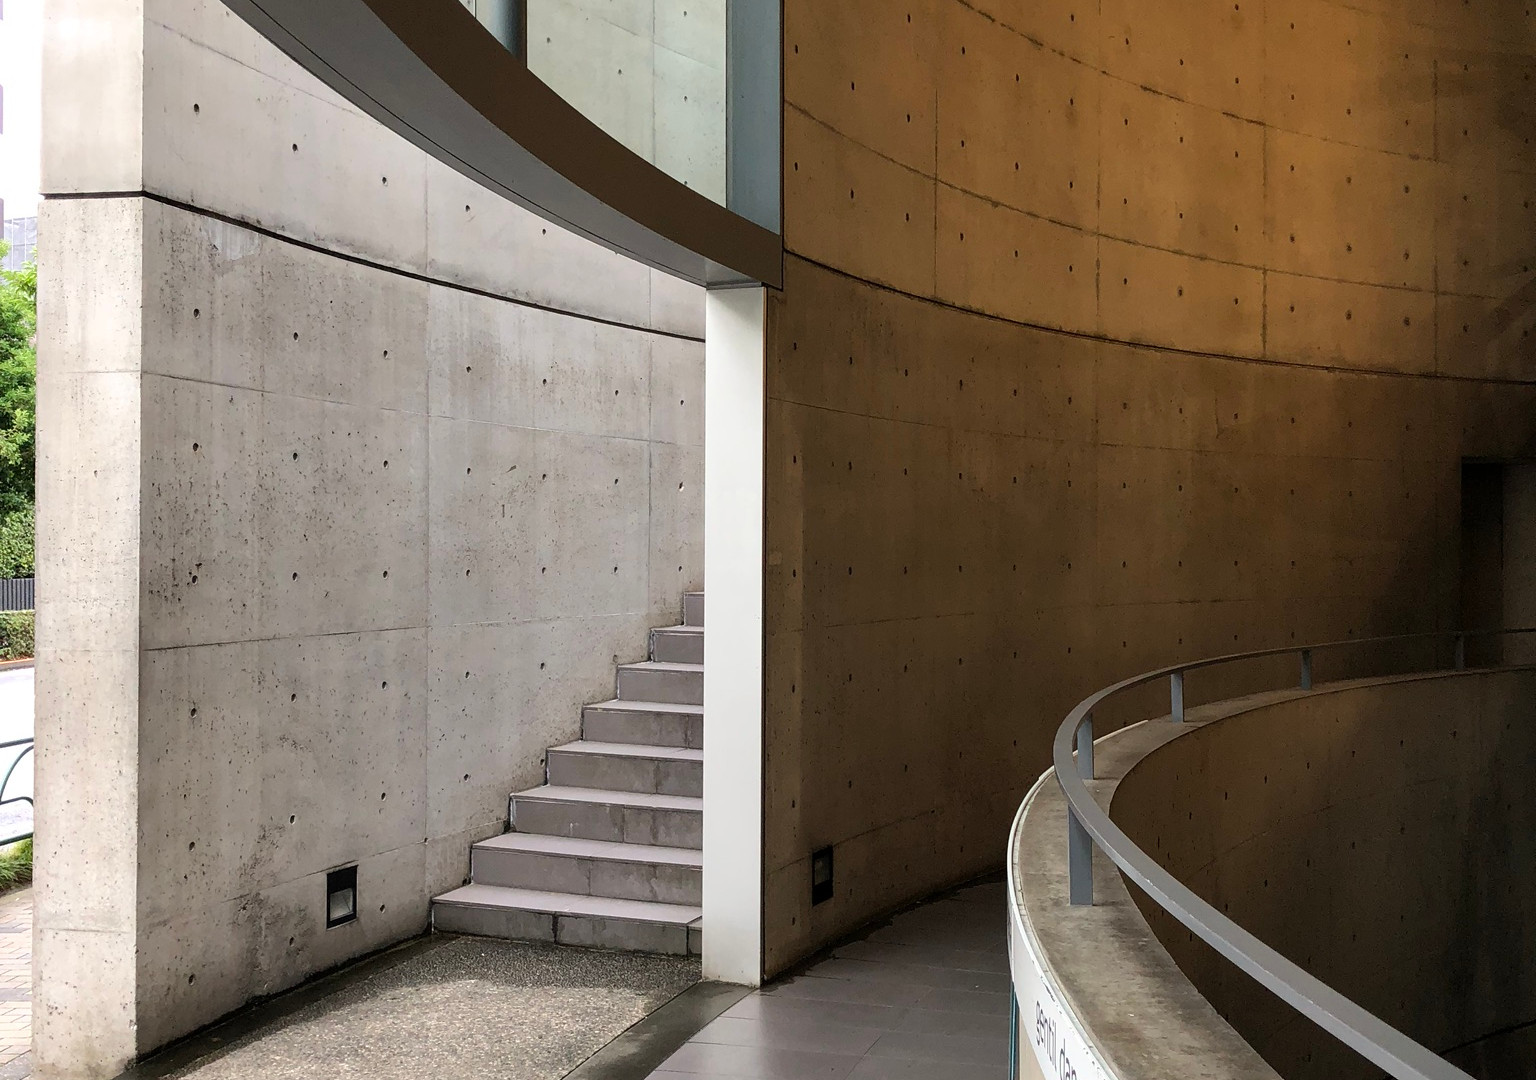 La Collezione; designed by Tadao R